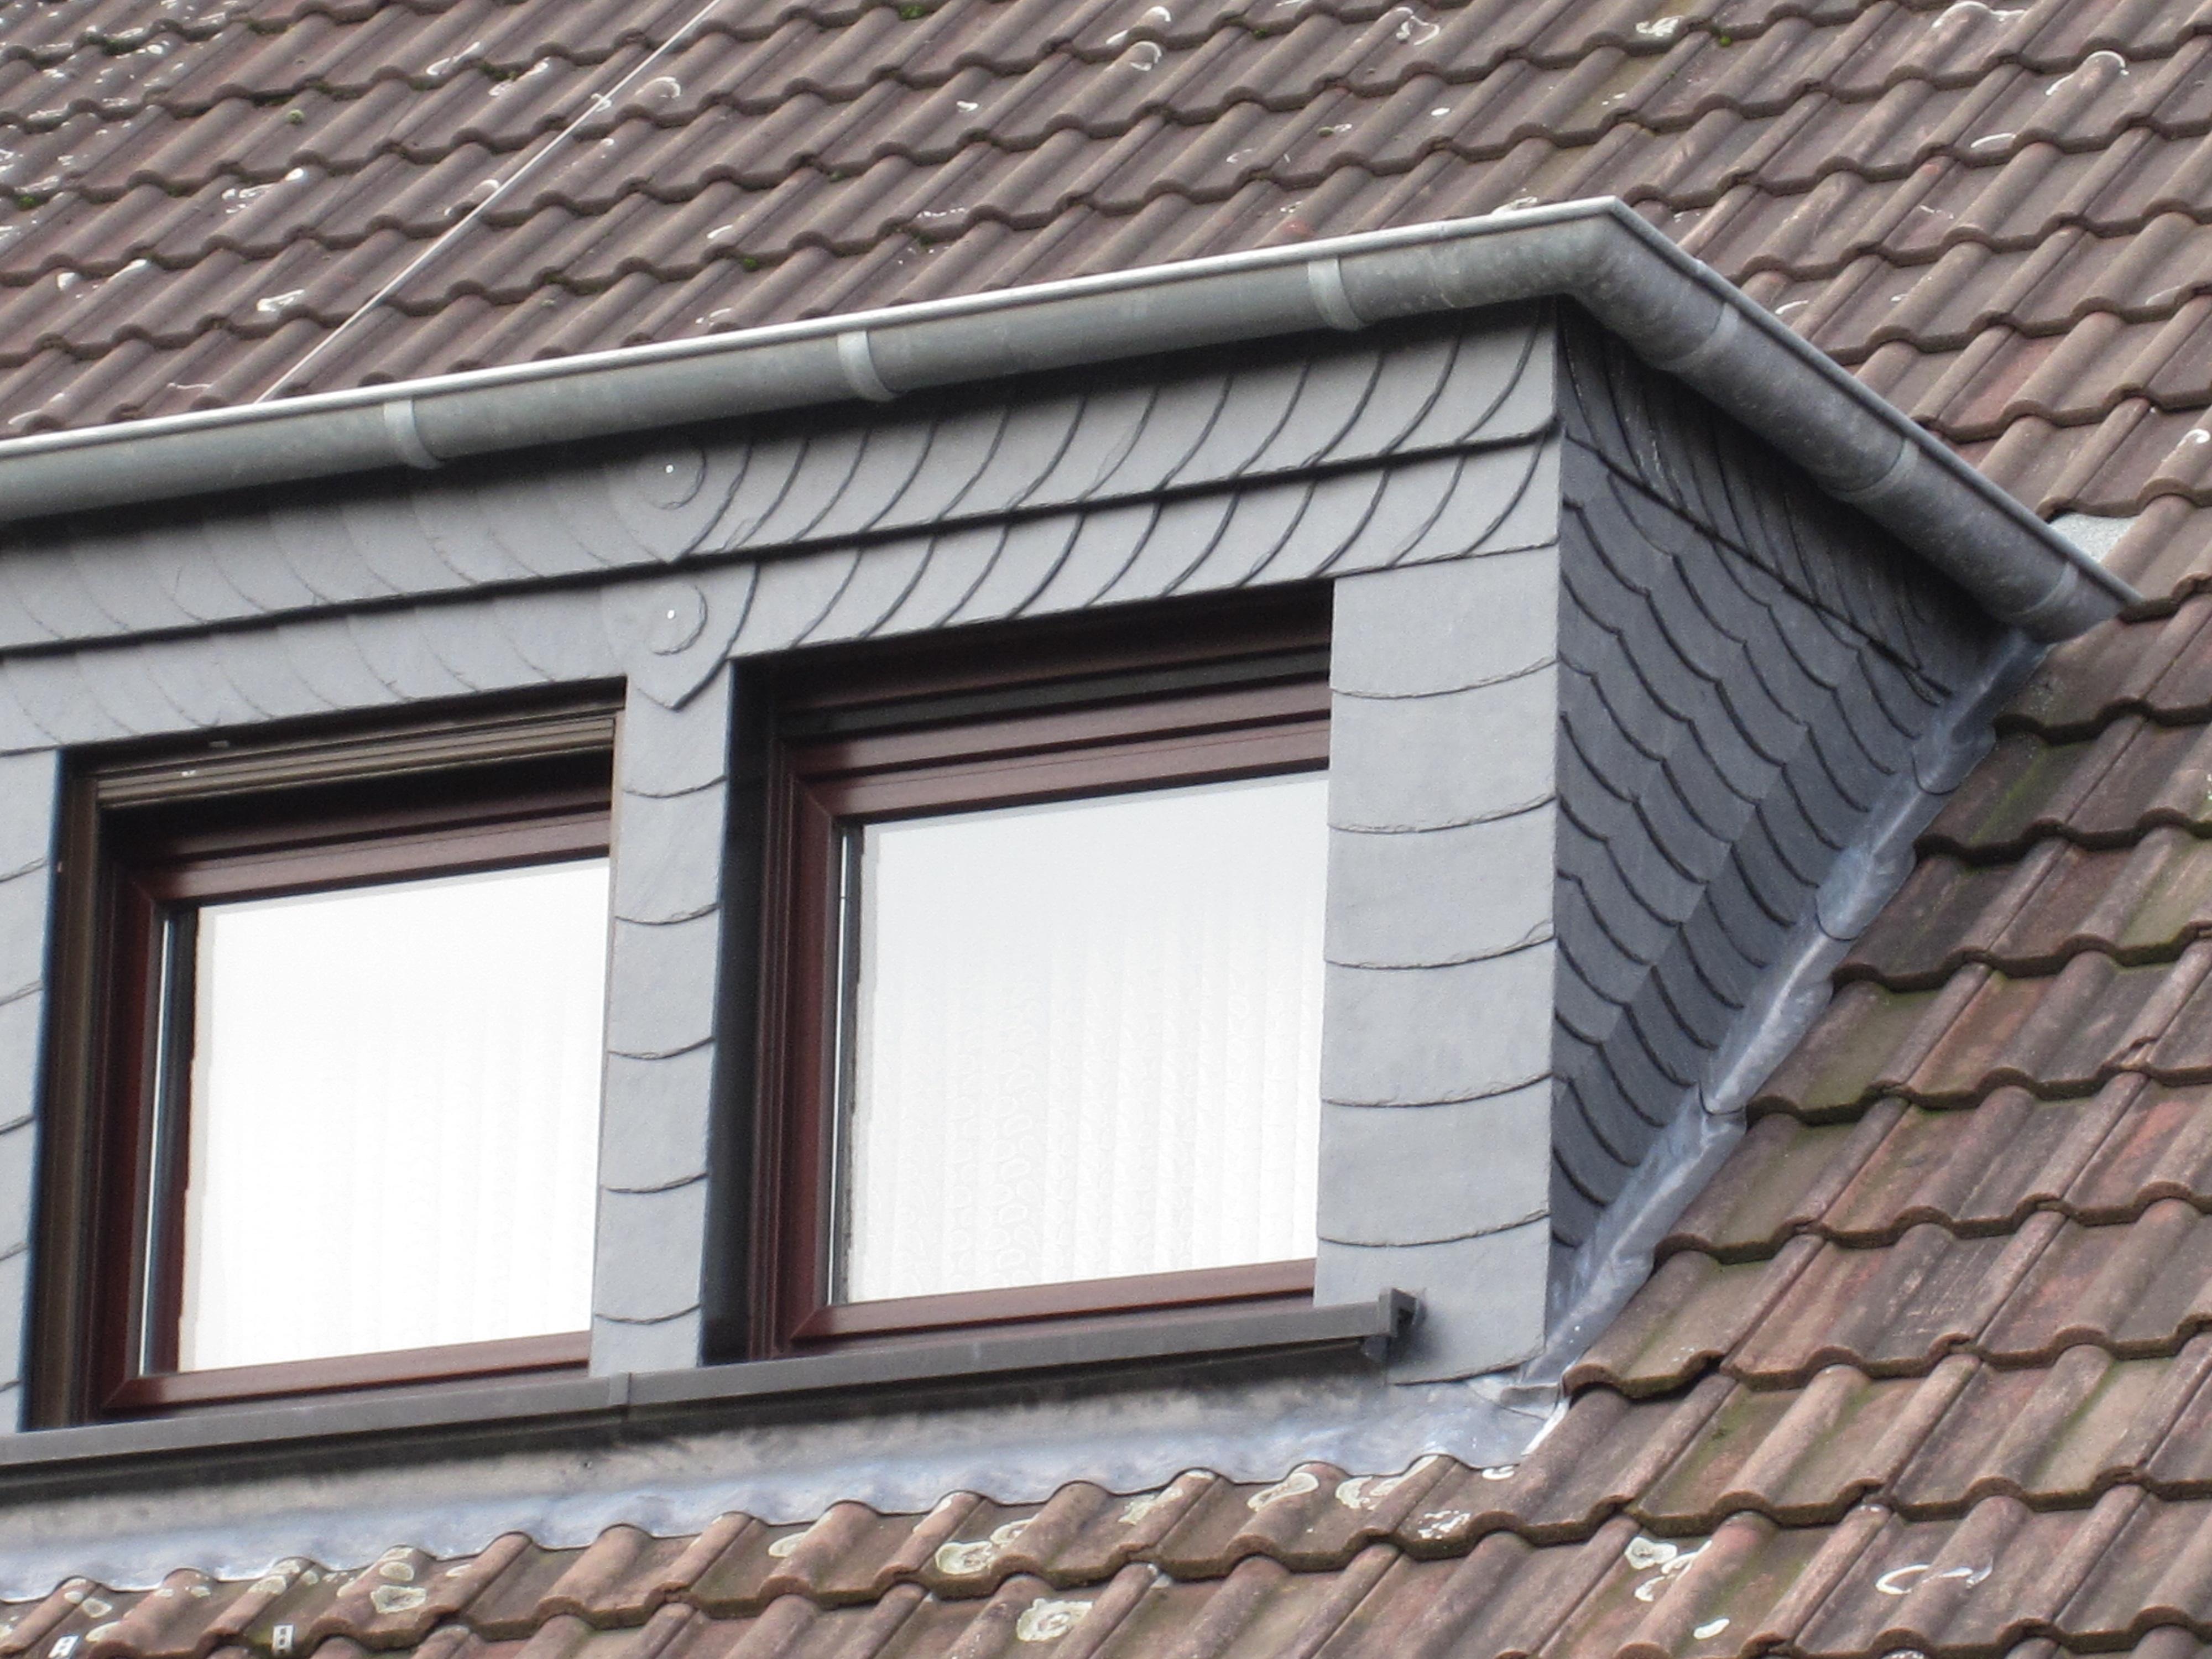 Wohnraumdachfenster | Dachtechnik Pohl - Dachdecker in Moers, Duisburg & Umgebung